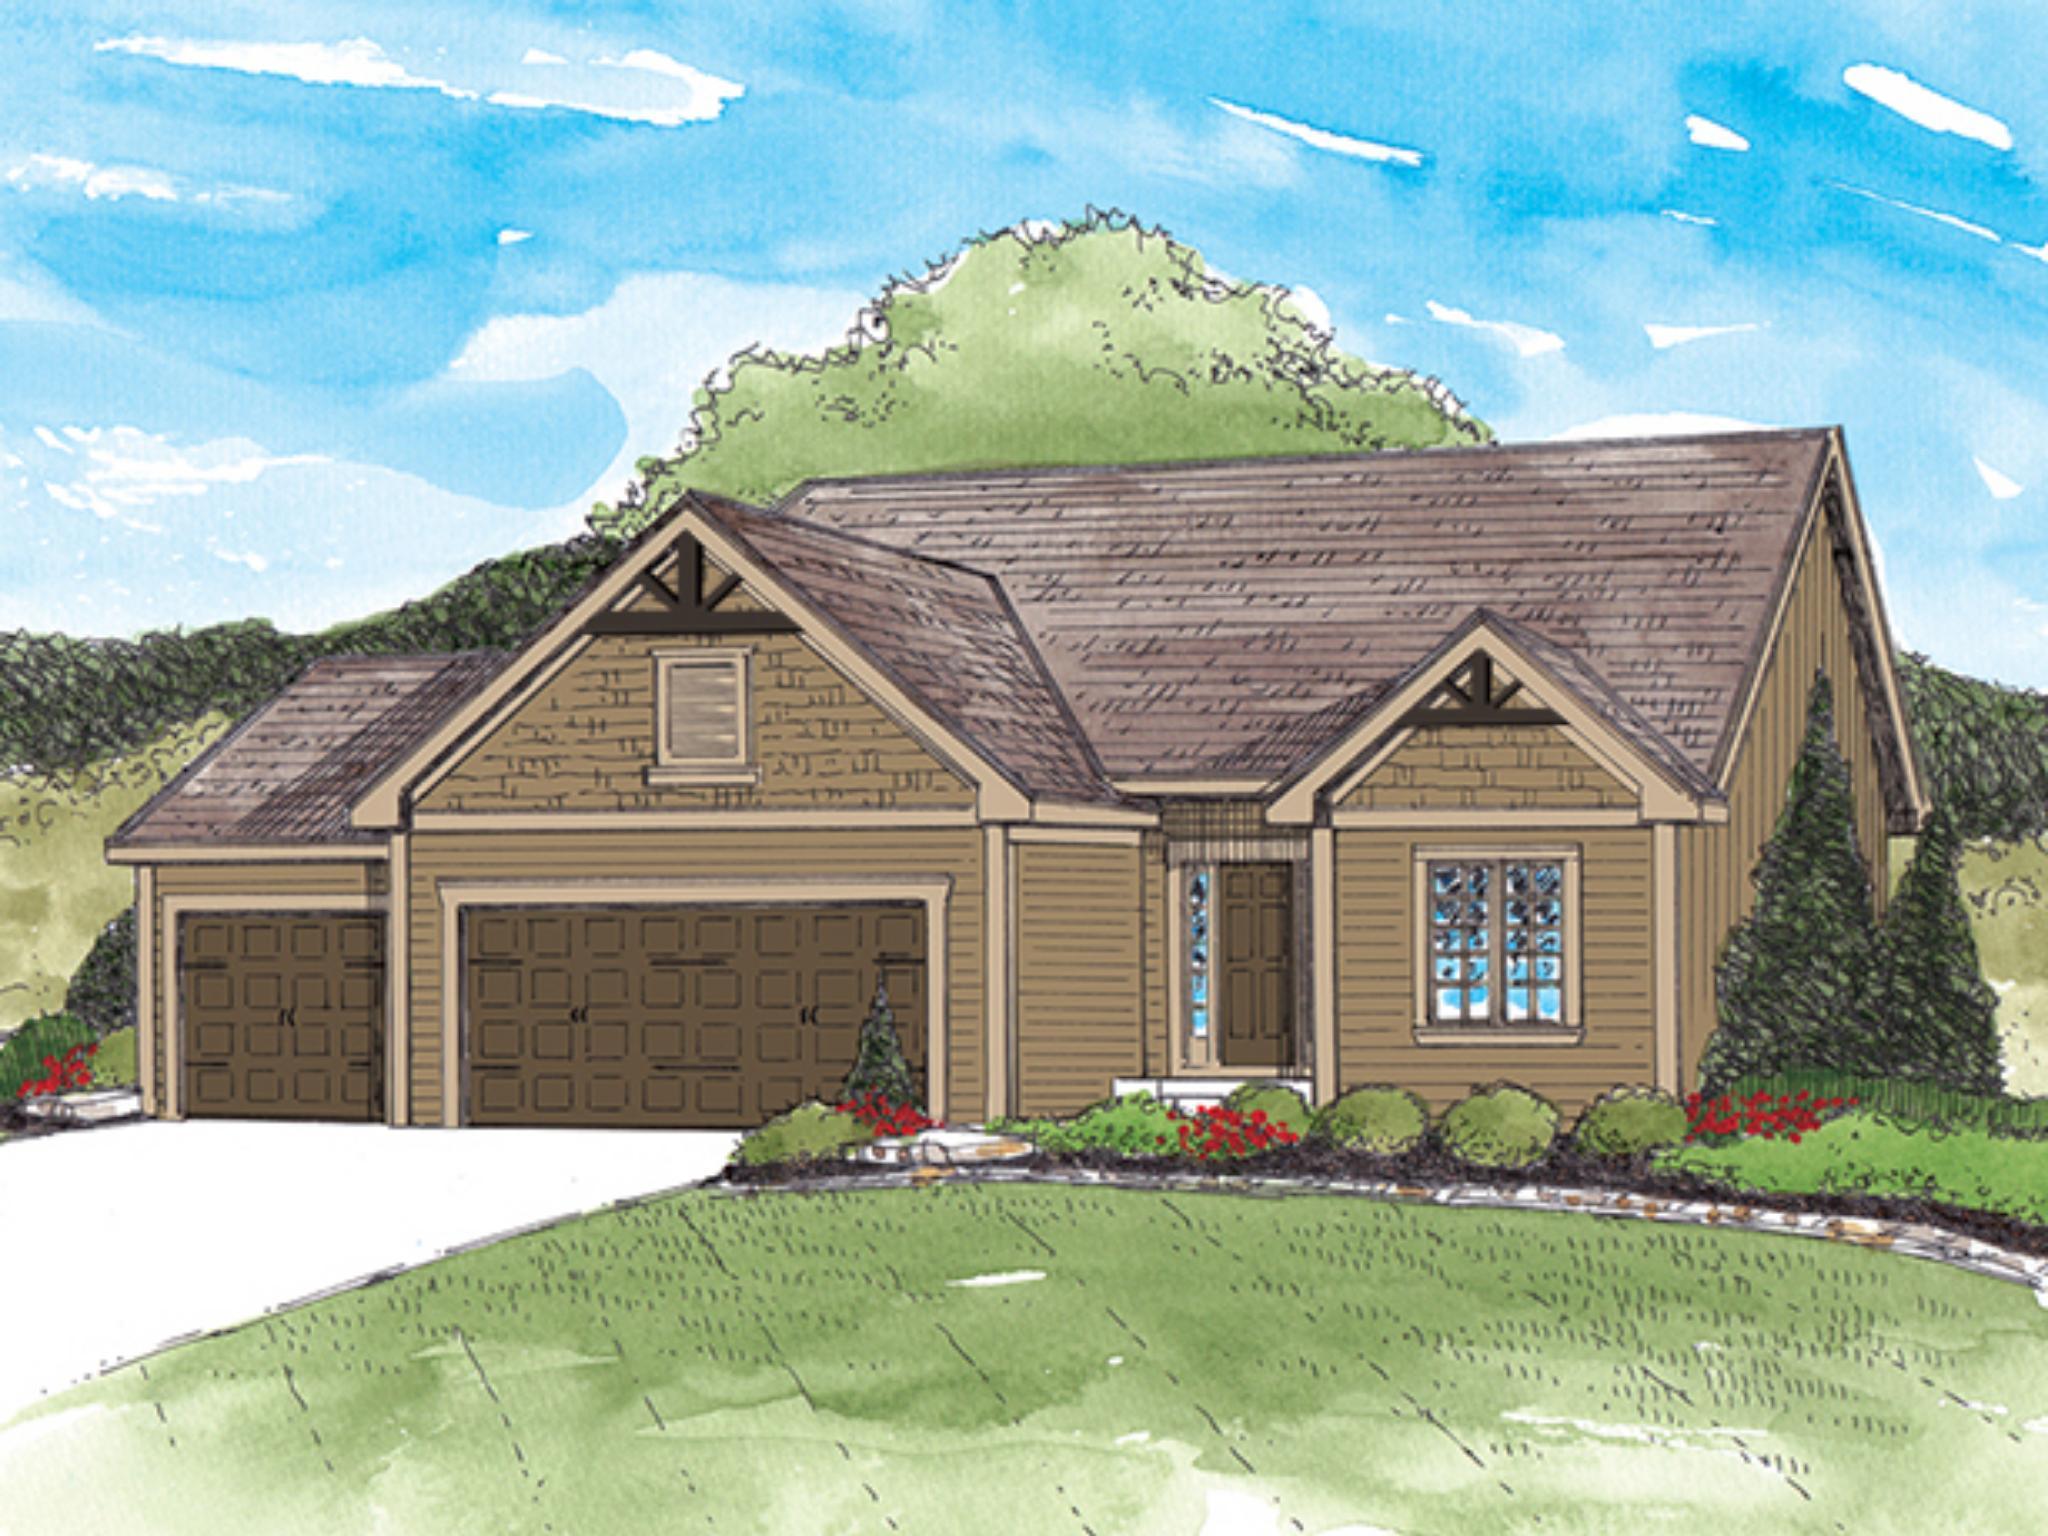 New Construction Homes Plans In Gardner Ks 413 Homes